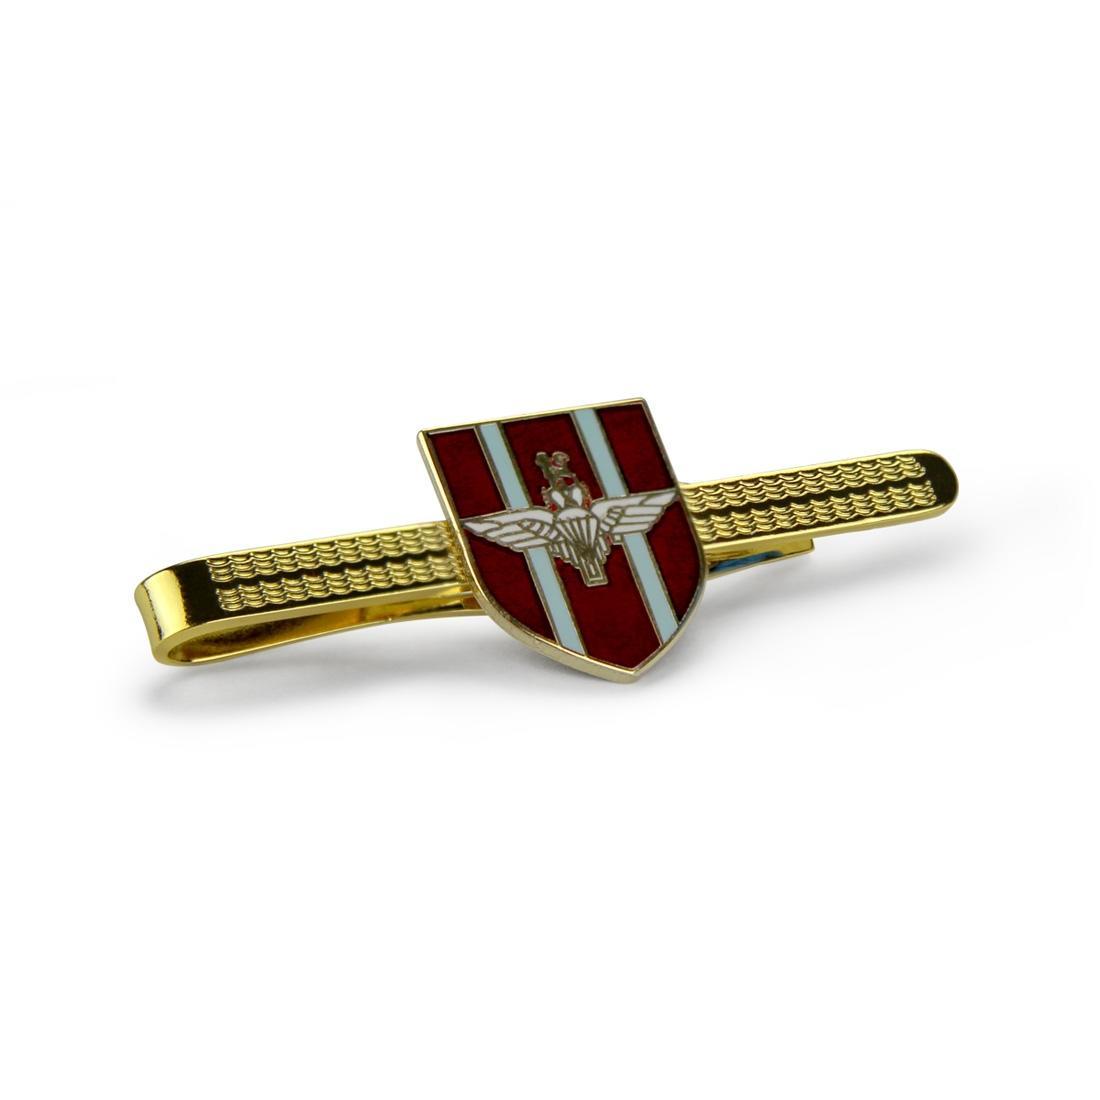 Para Shield Tie Slide (Enamel Badge on Metal Slide)